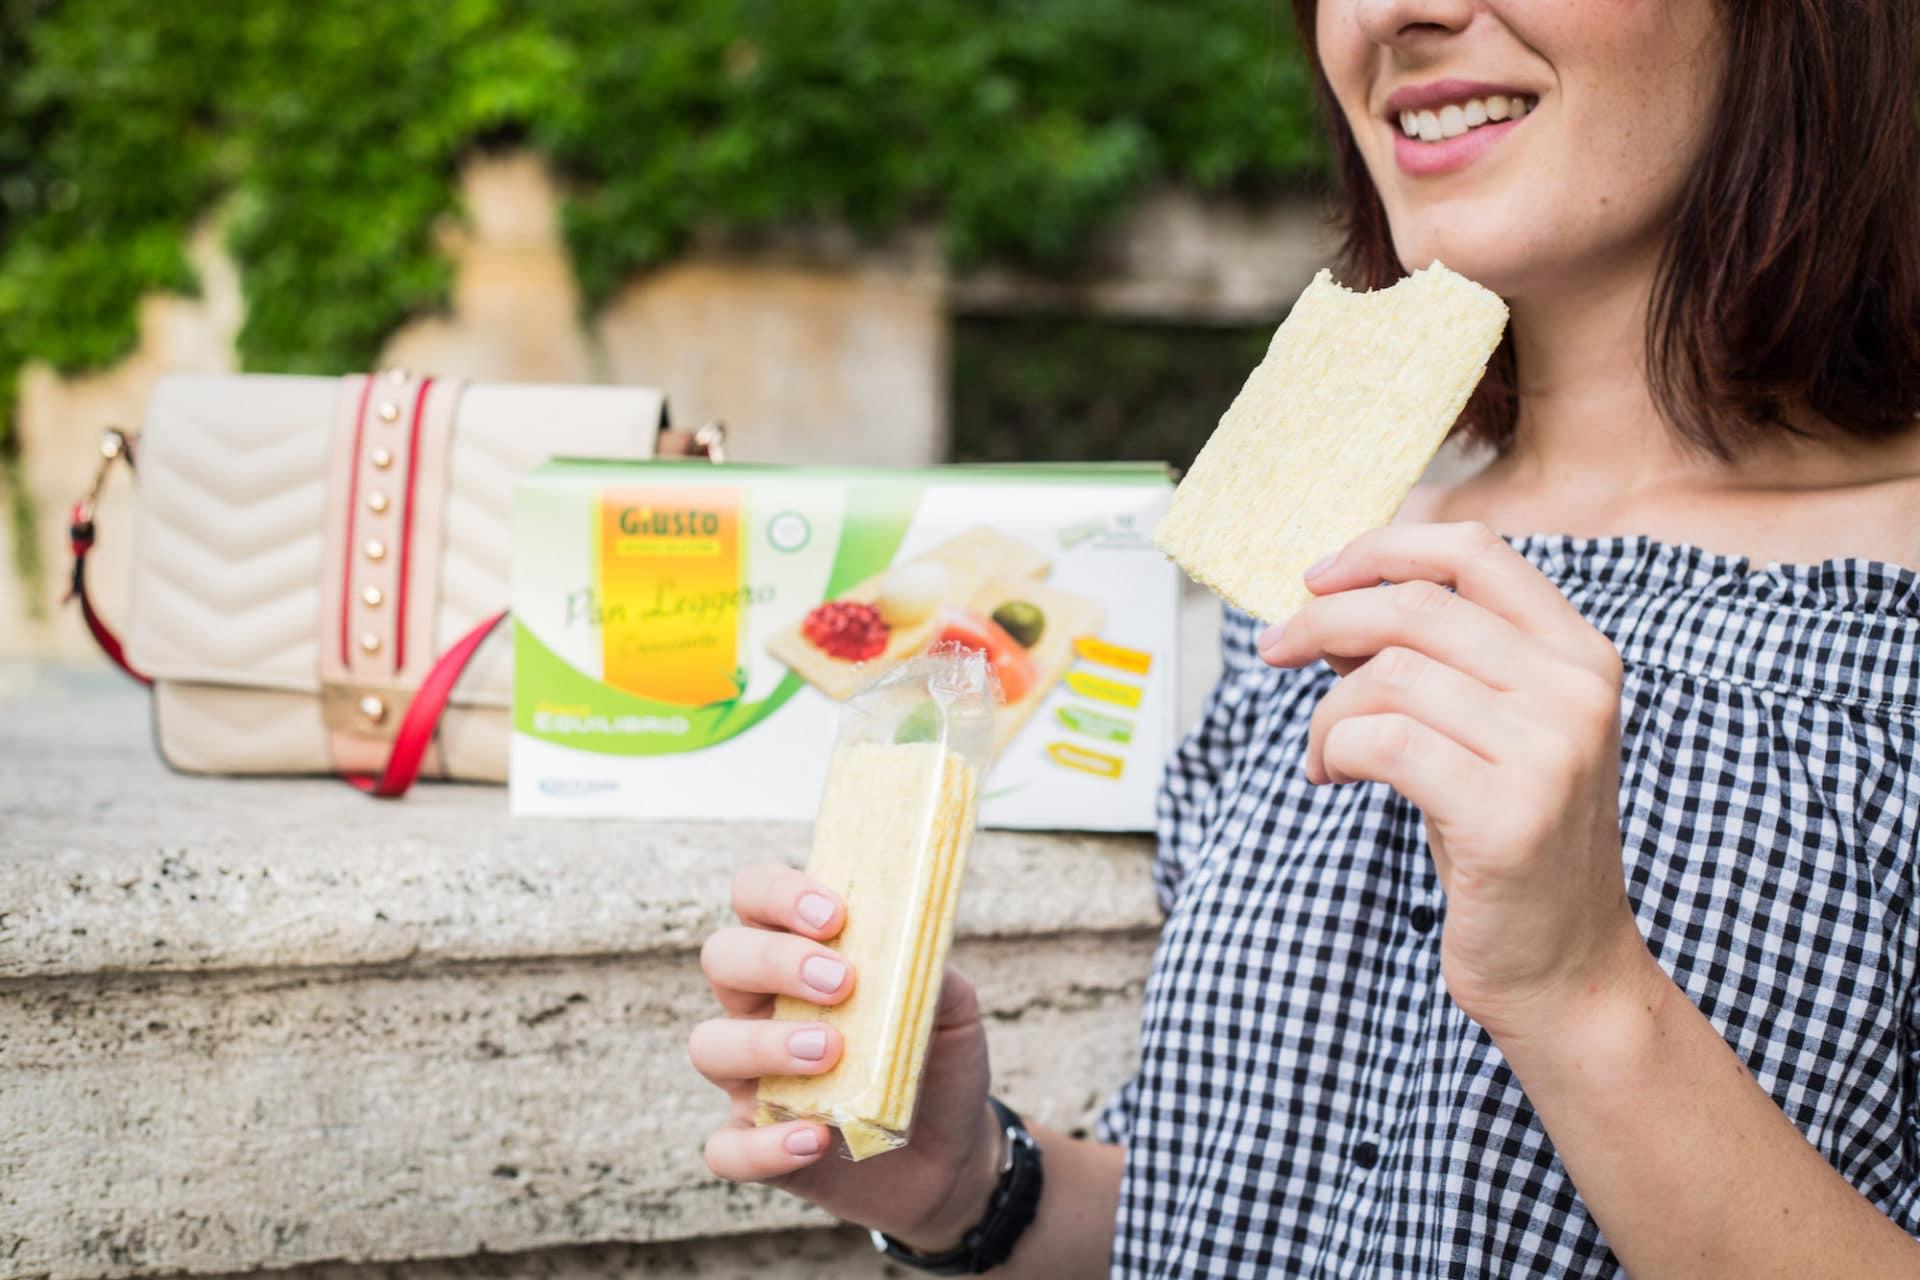 linea giusto giuliani alimenti senza glutine per celiaci